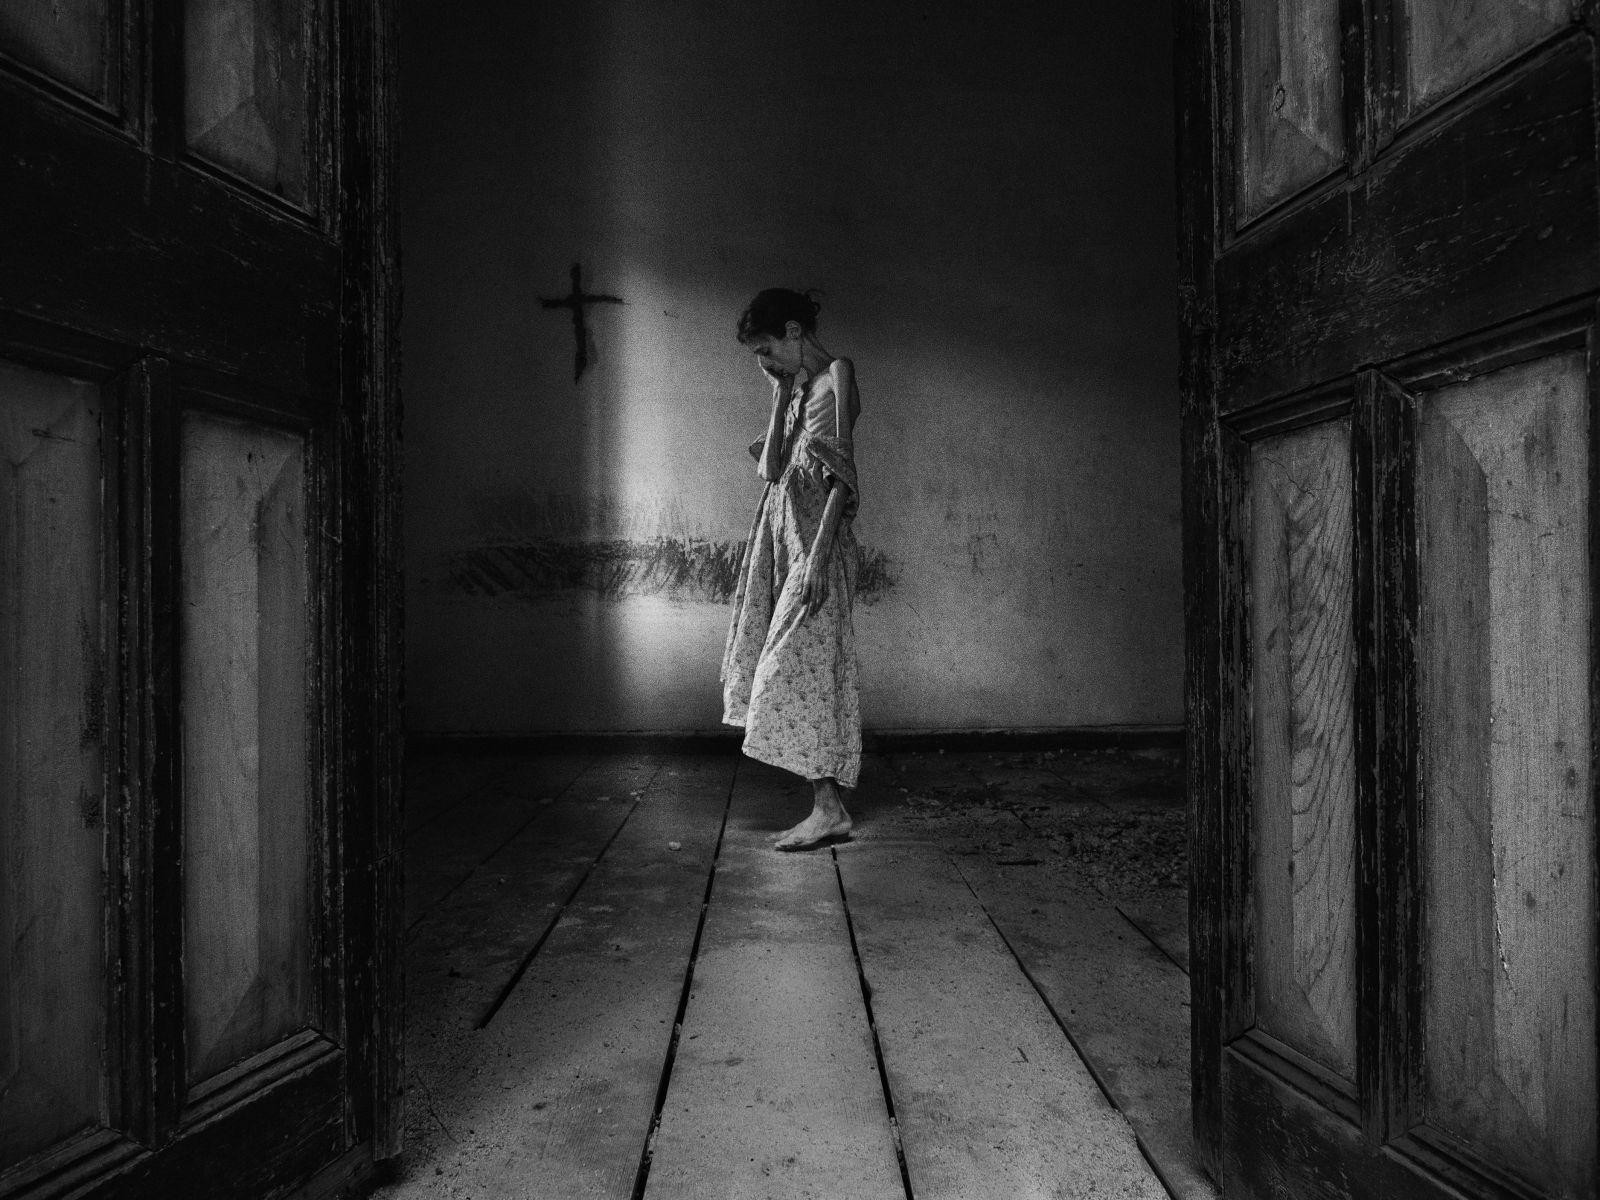 V desiatich rokoch prestala jesť. Aj napriek 23 rokom s anorexiou očarila svet svojimi fotografiami